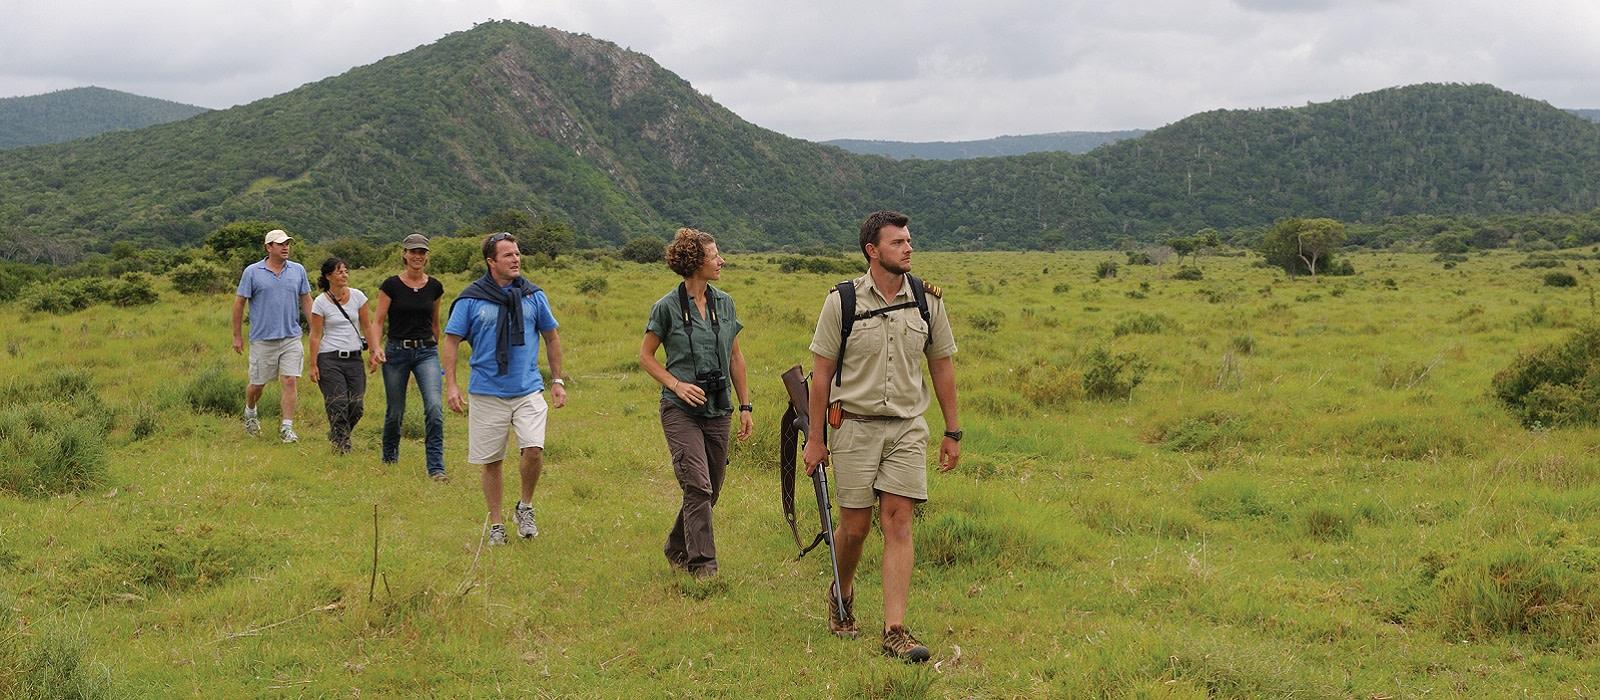 Reiseziel Eastern Wild Coast – Hiking Südafrika